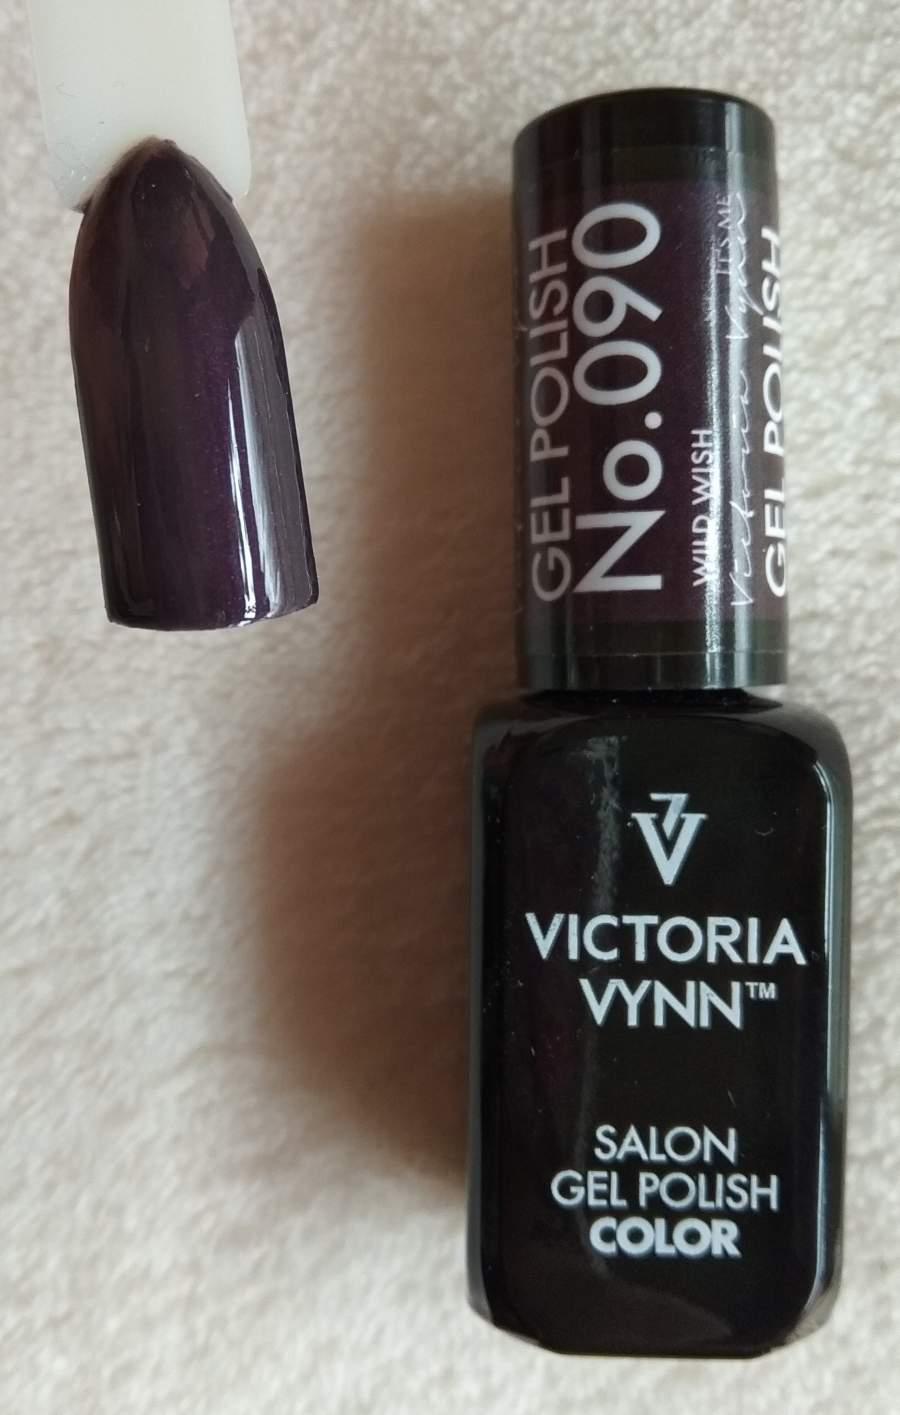 Victoria Vynn Verniz Gel Nº 090 - Wild Wish - 8 ml